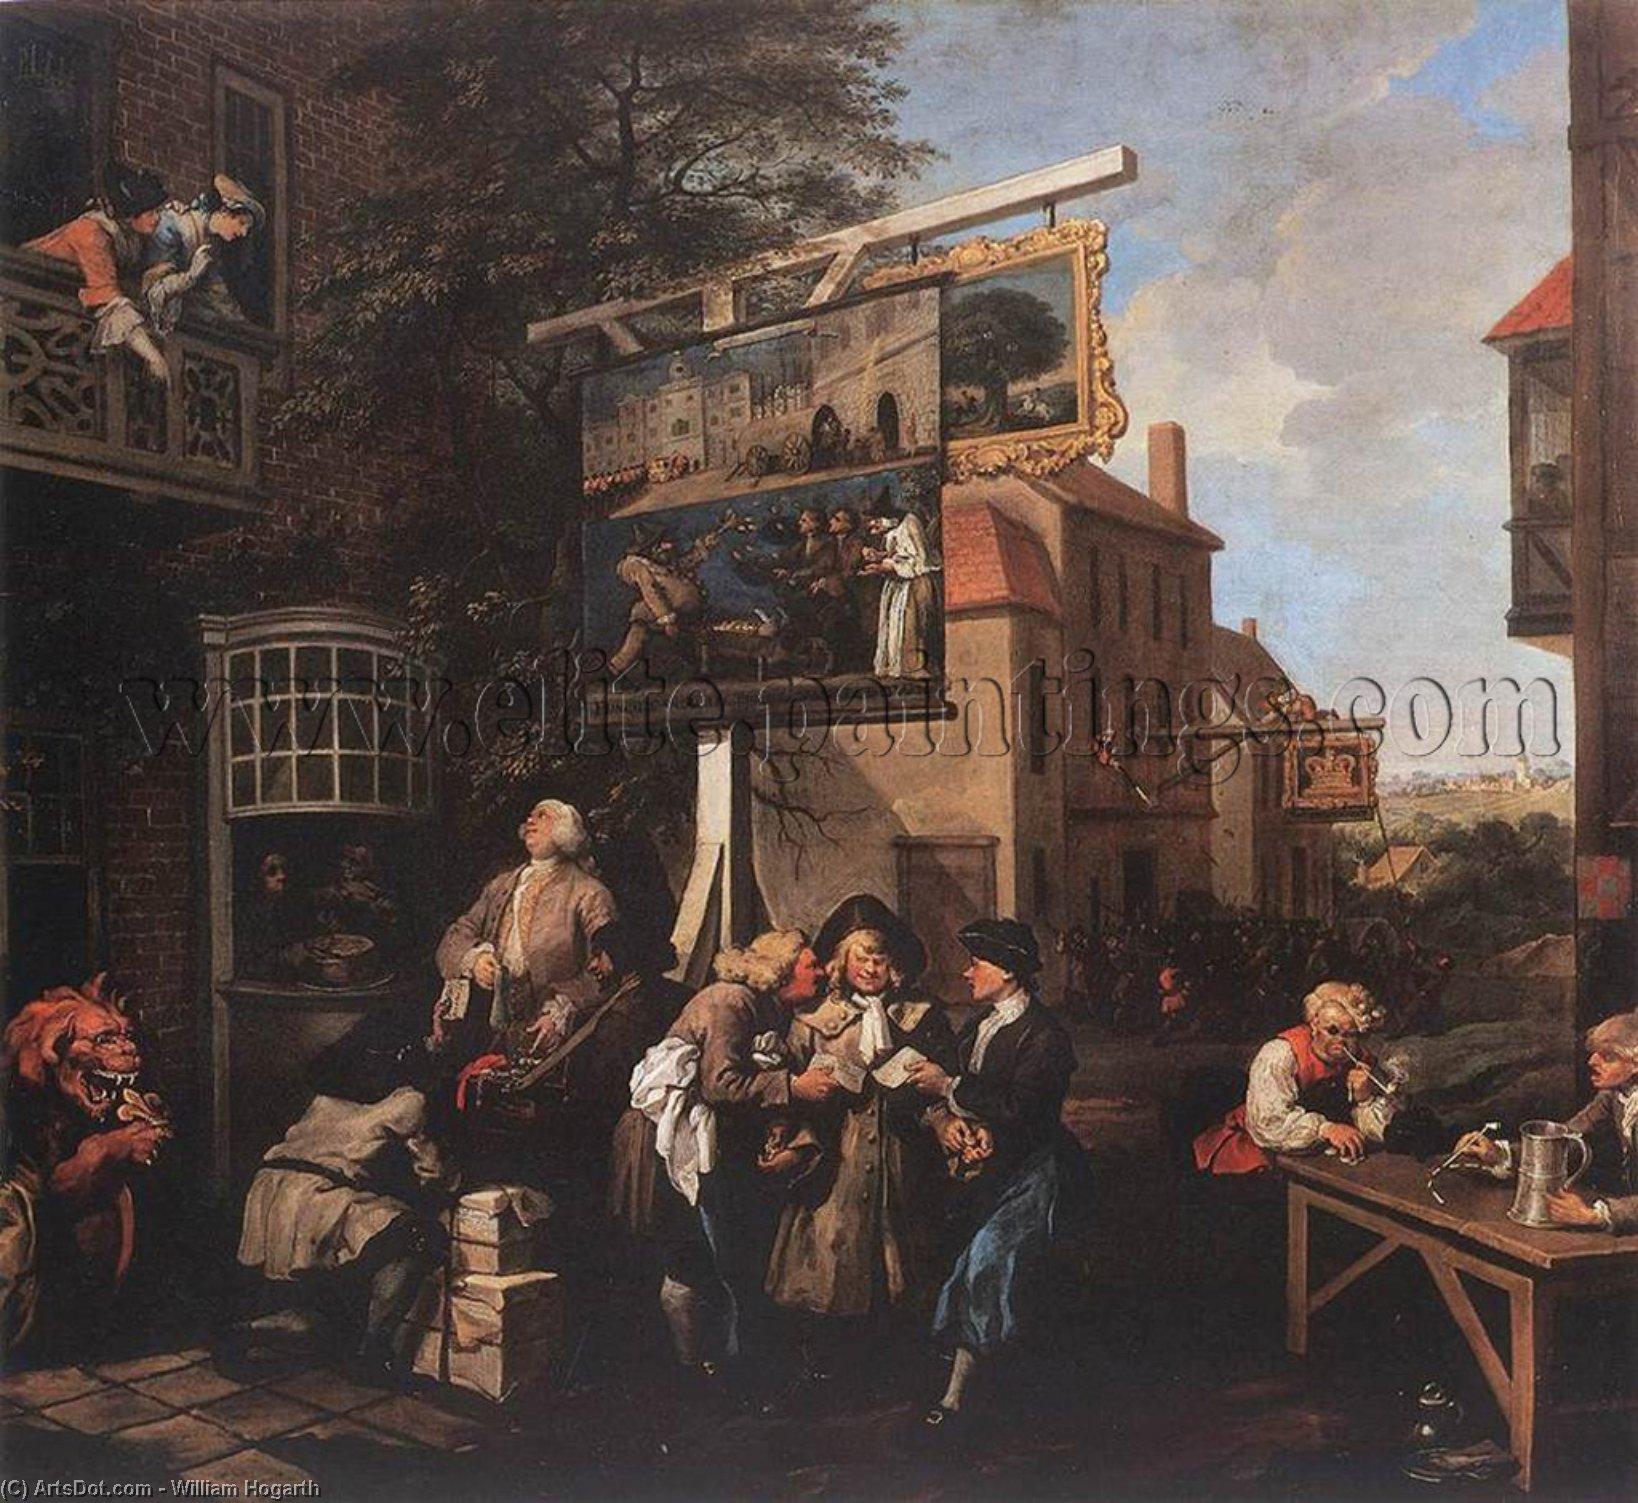 WikiOO.org - Enciklopedija dailės - Tapyba, meno kuriniai William Hogarth - Soliciting Votes